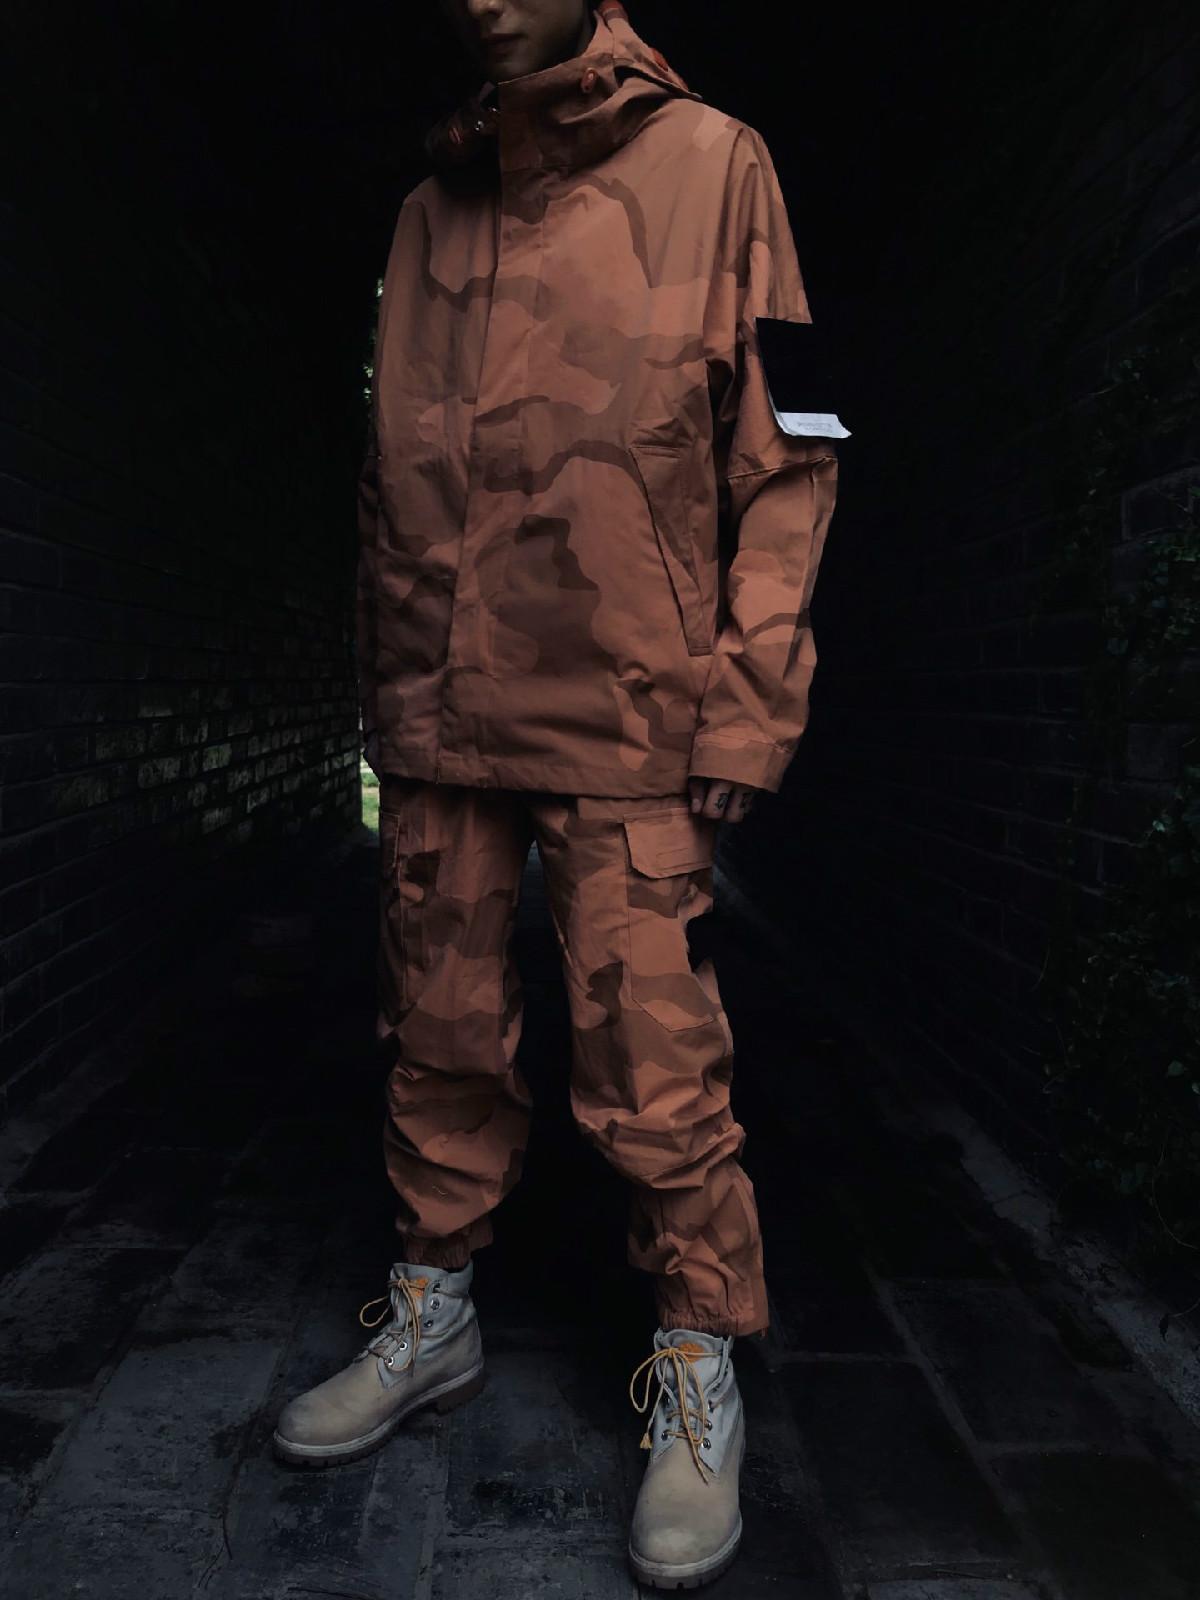 2020 HANFEI001 Erkek Hoodie Moda Yeni Marka Ceketler Kamuflaj Renk Tasarım İthal Üst Nakış Detayları Mükemmel Kol OEM Yay Ceket